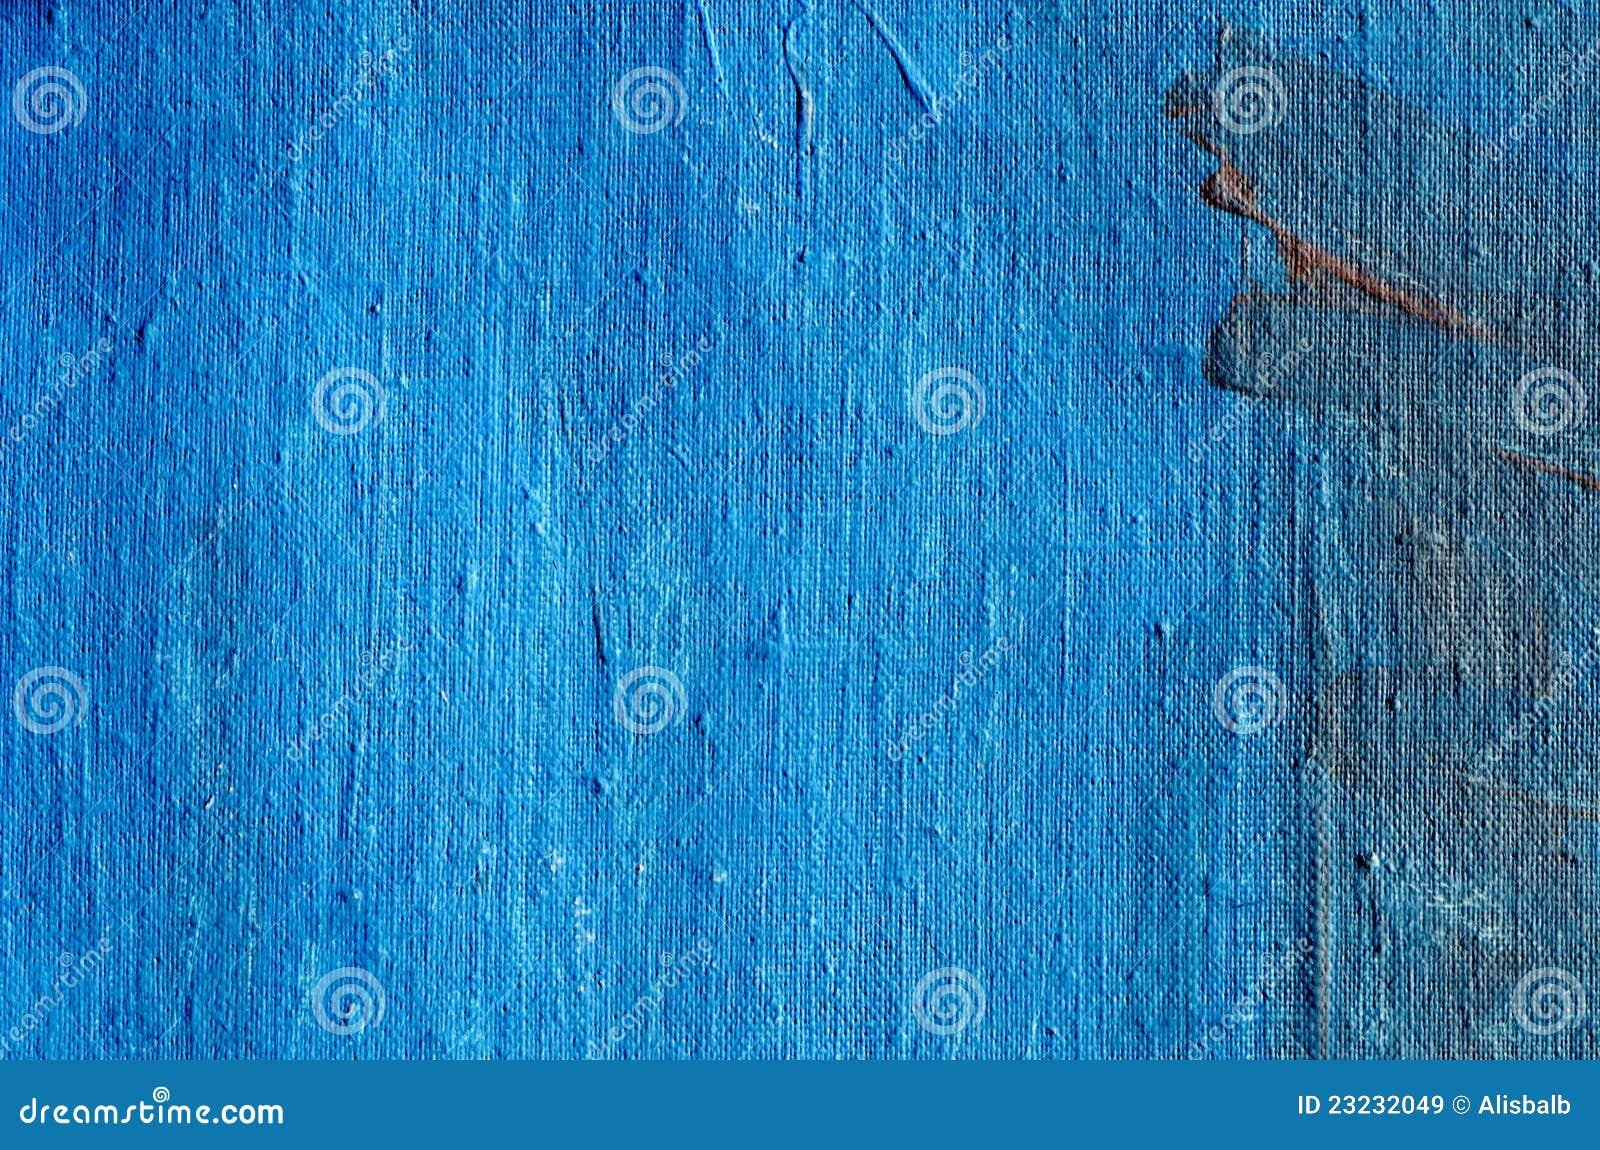 Acrylic Blue Painted Canvas Background Stock Image Image